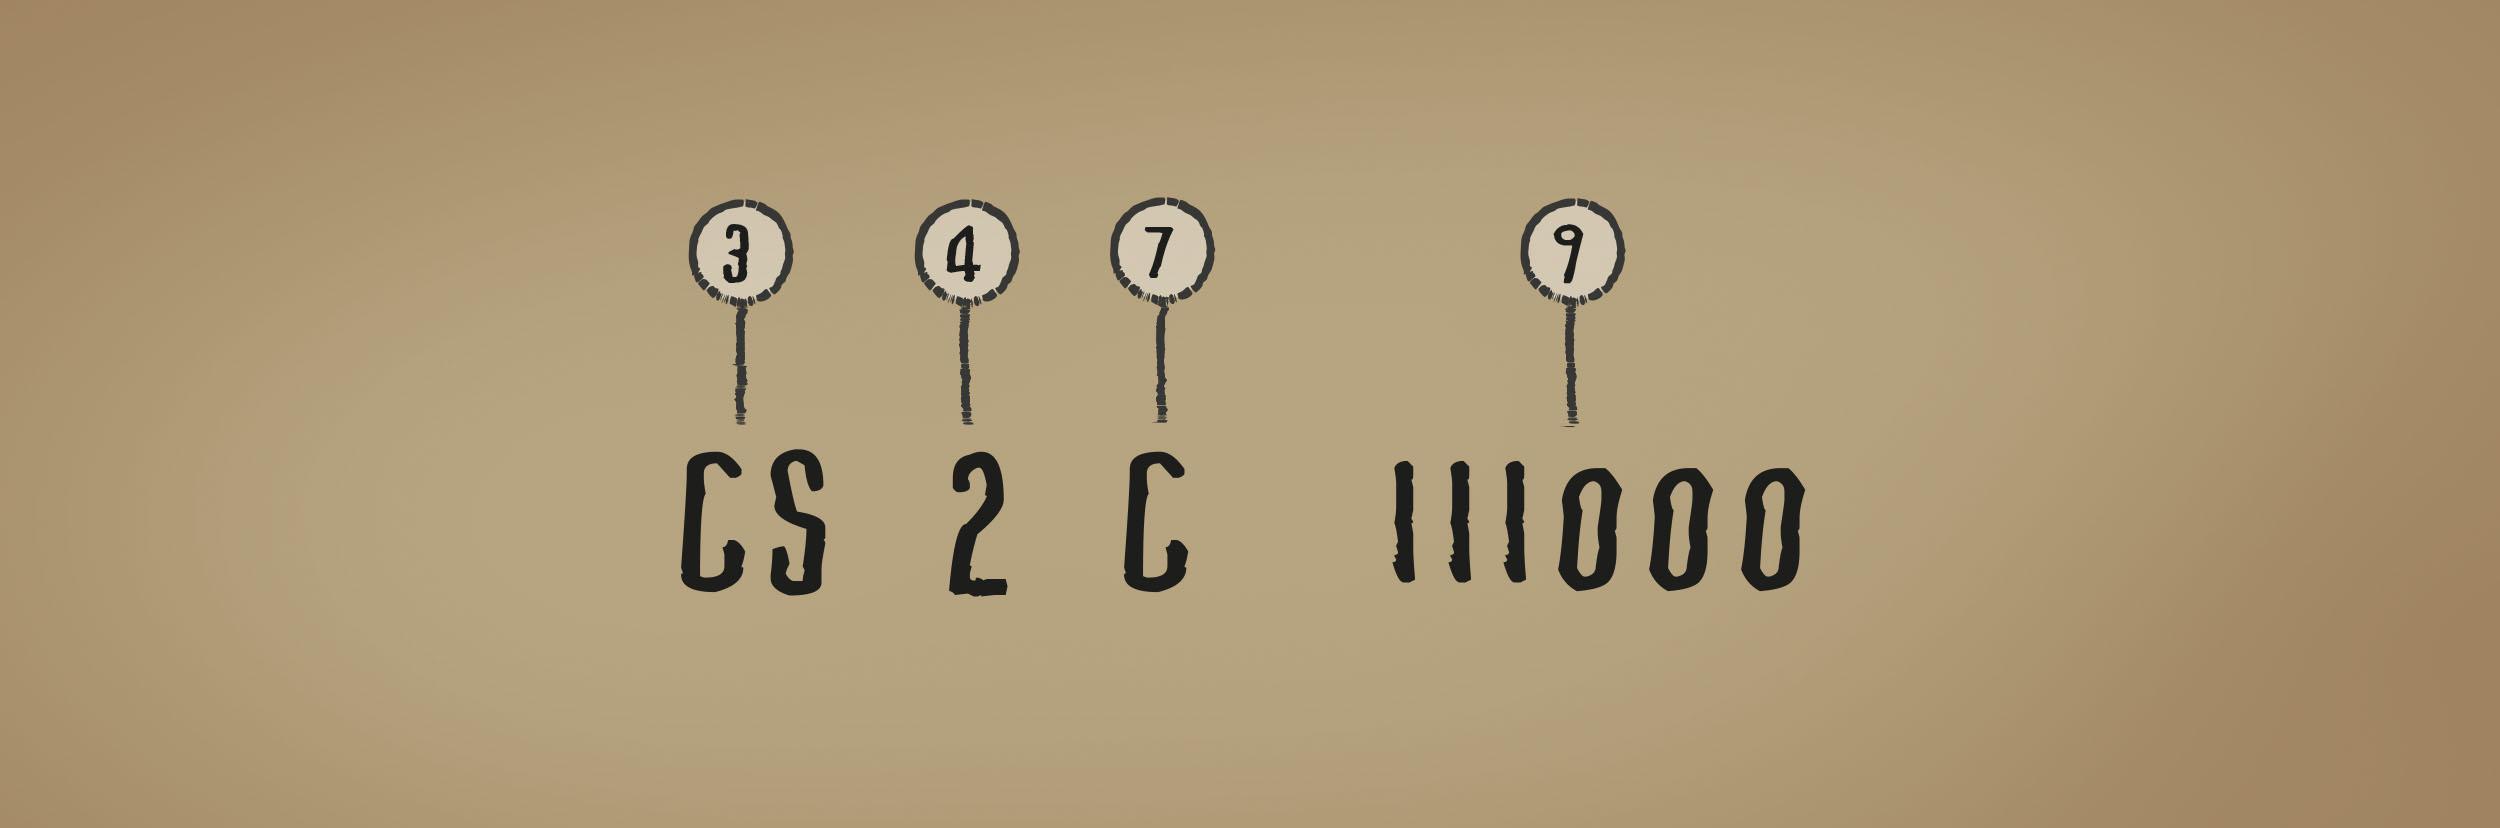 Ww Cycles Numeri Di Identificazione Del Veicolo Dal 1981